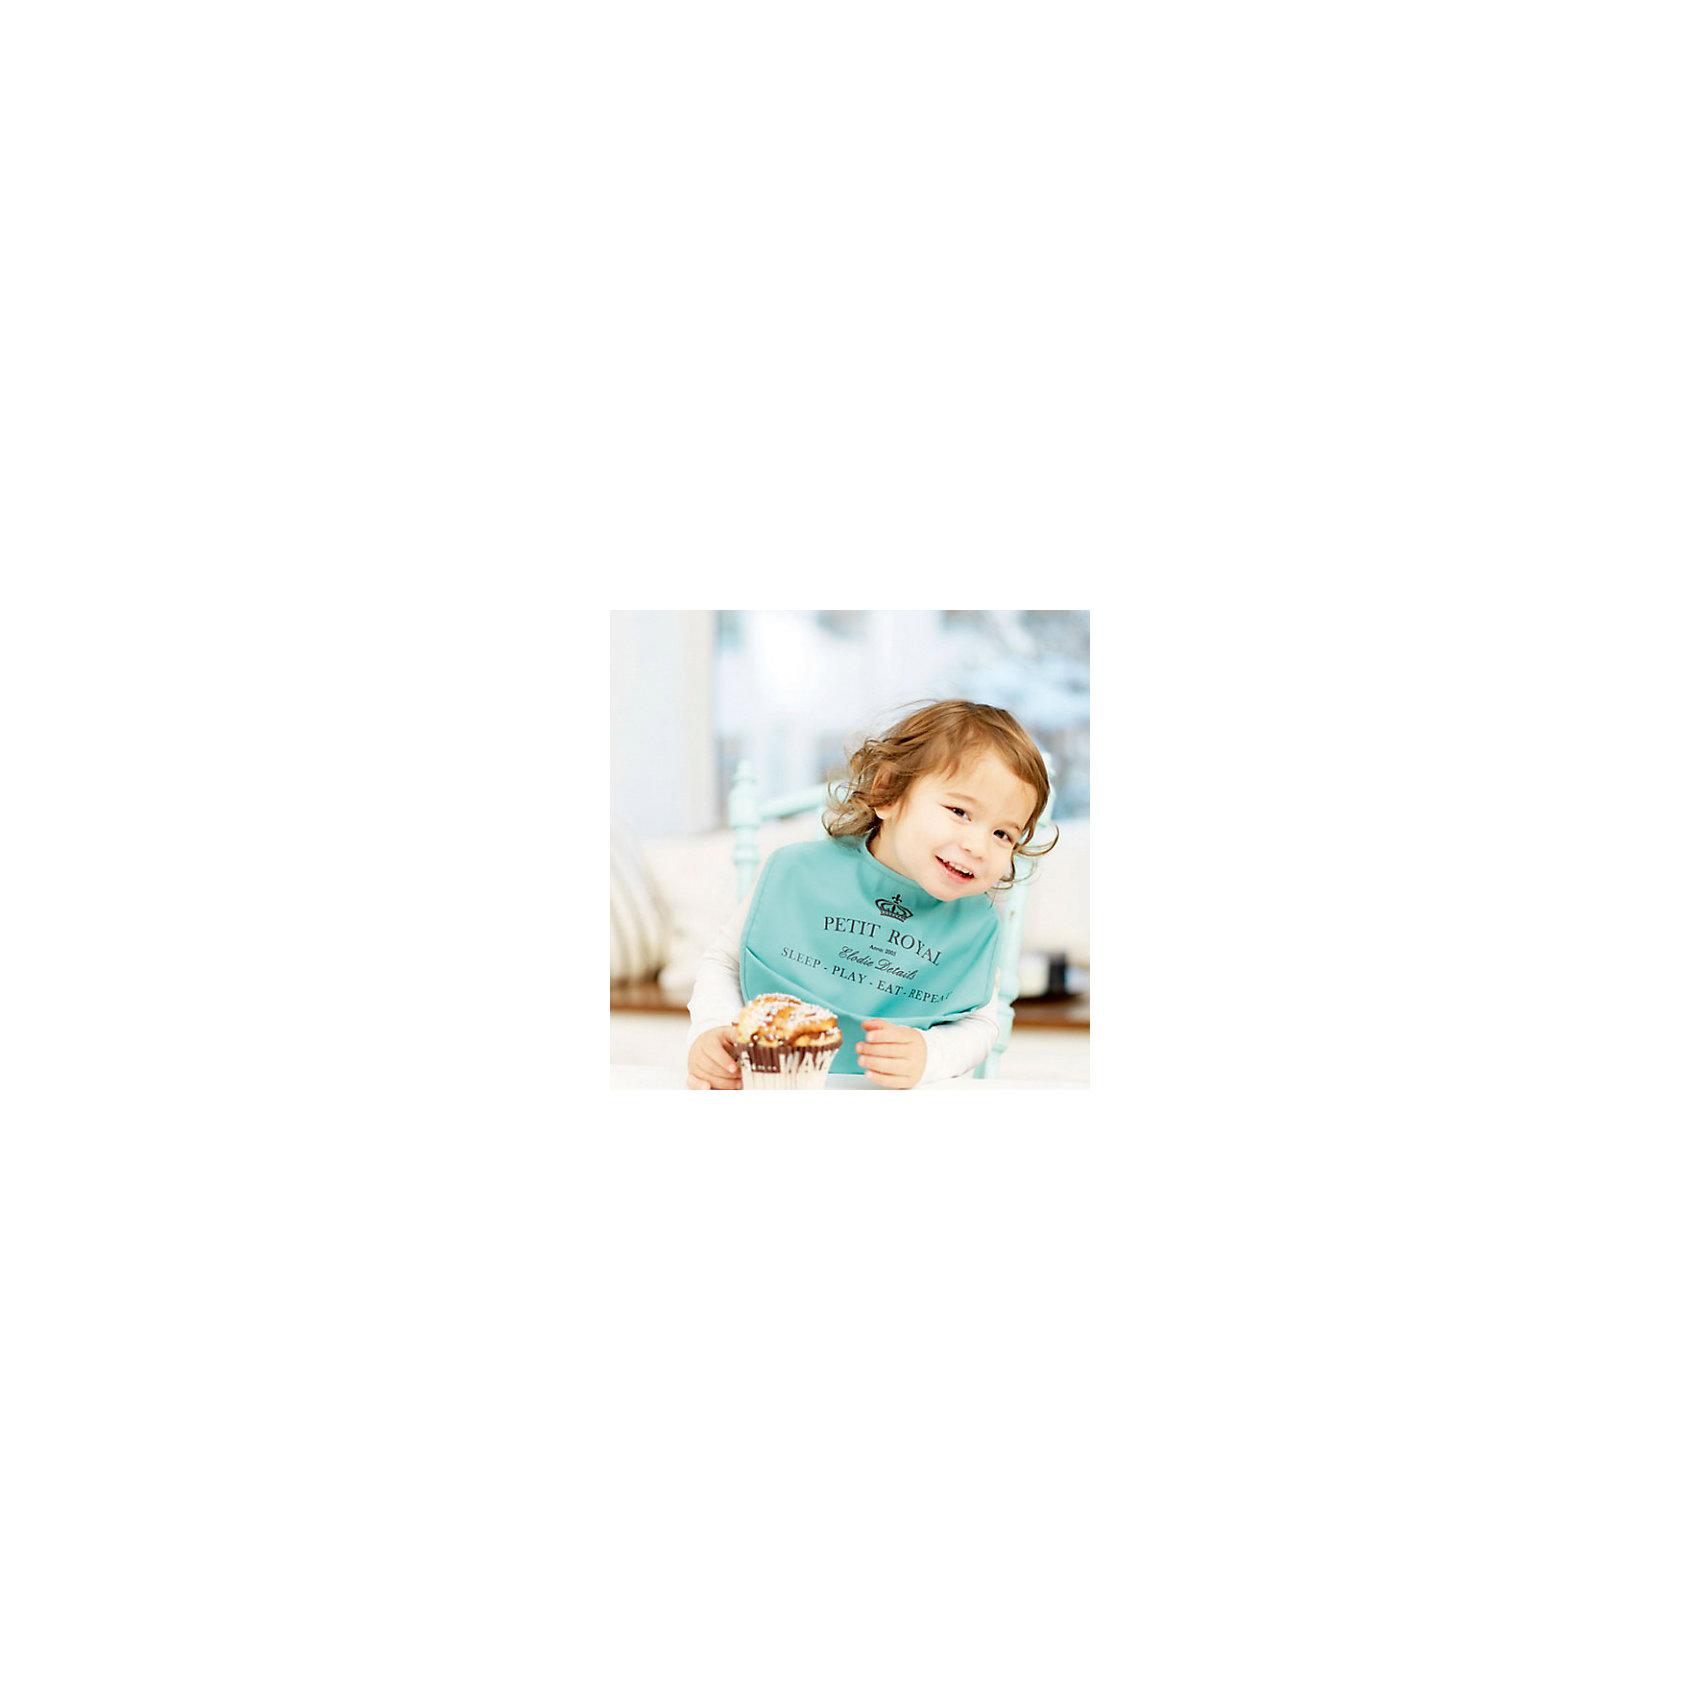 Нагрудник полиуретан Petit Royal Blue, ELODIE DETAILS (Elodie Details)